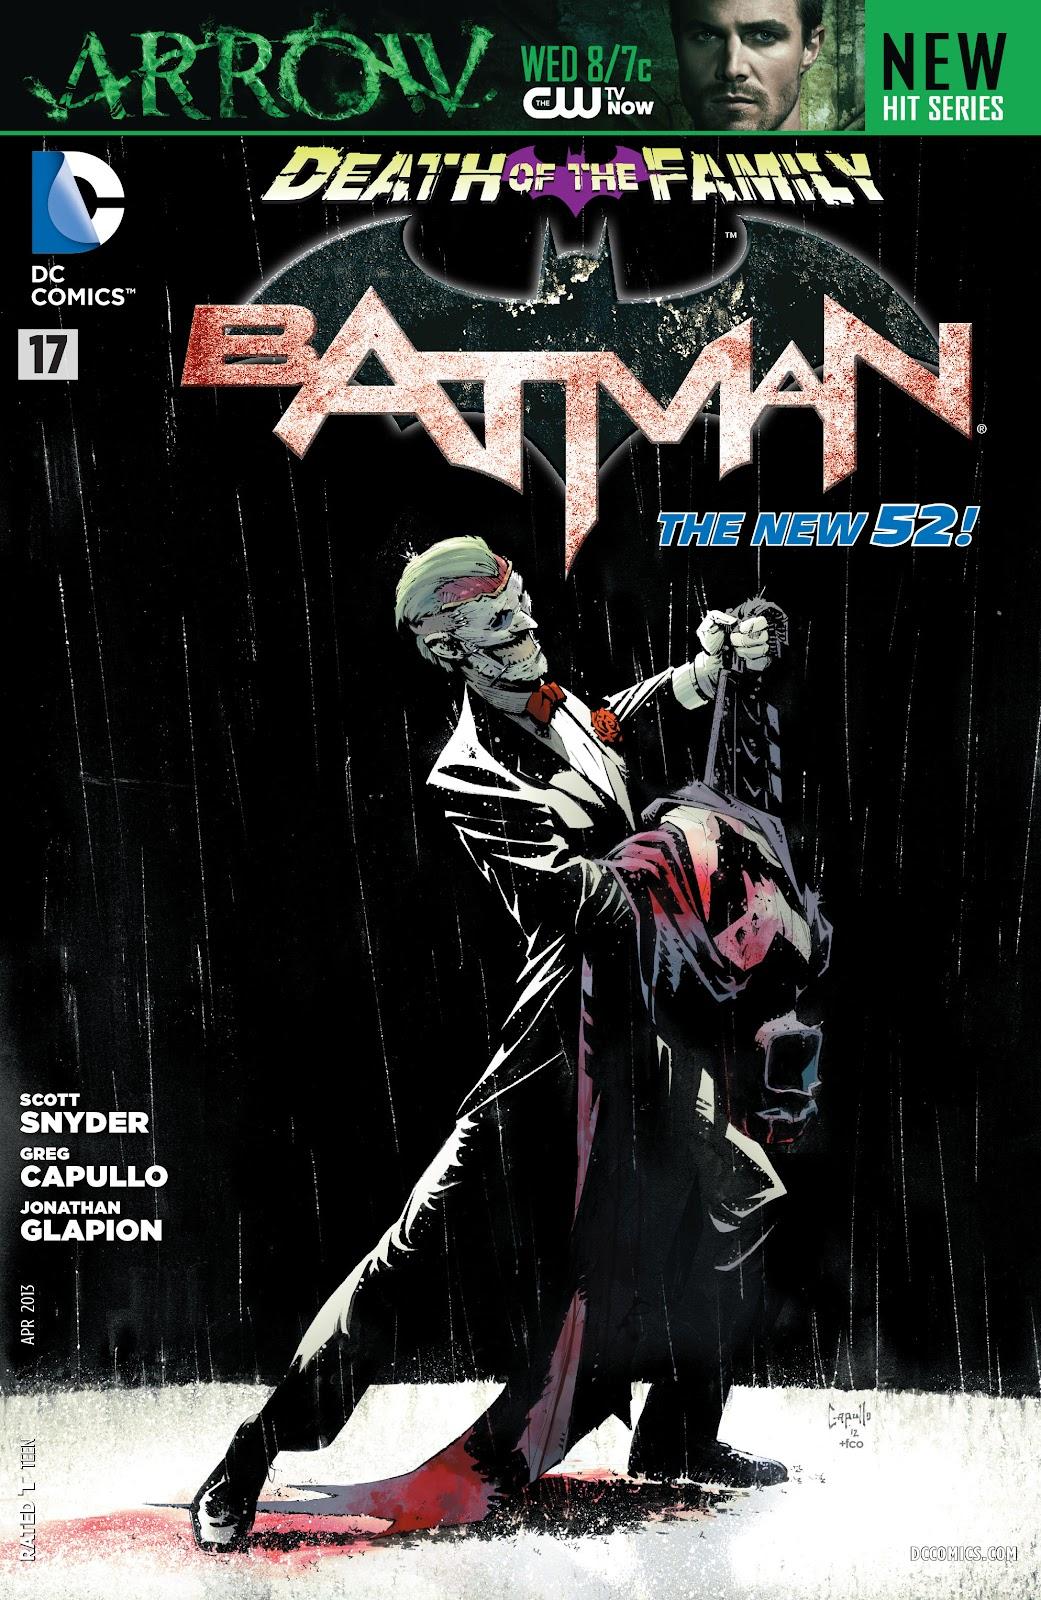 Batman (2011) Issue #17 #32 - English 1